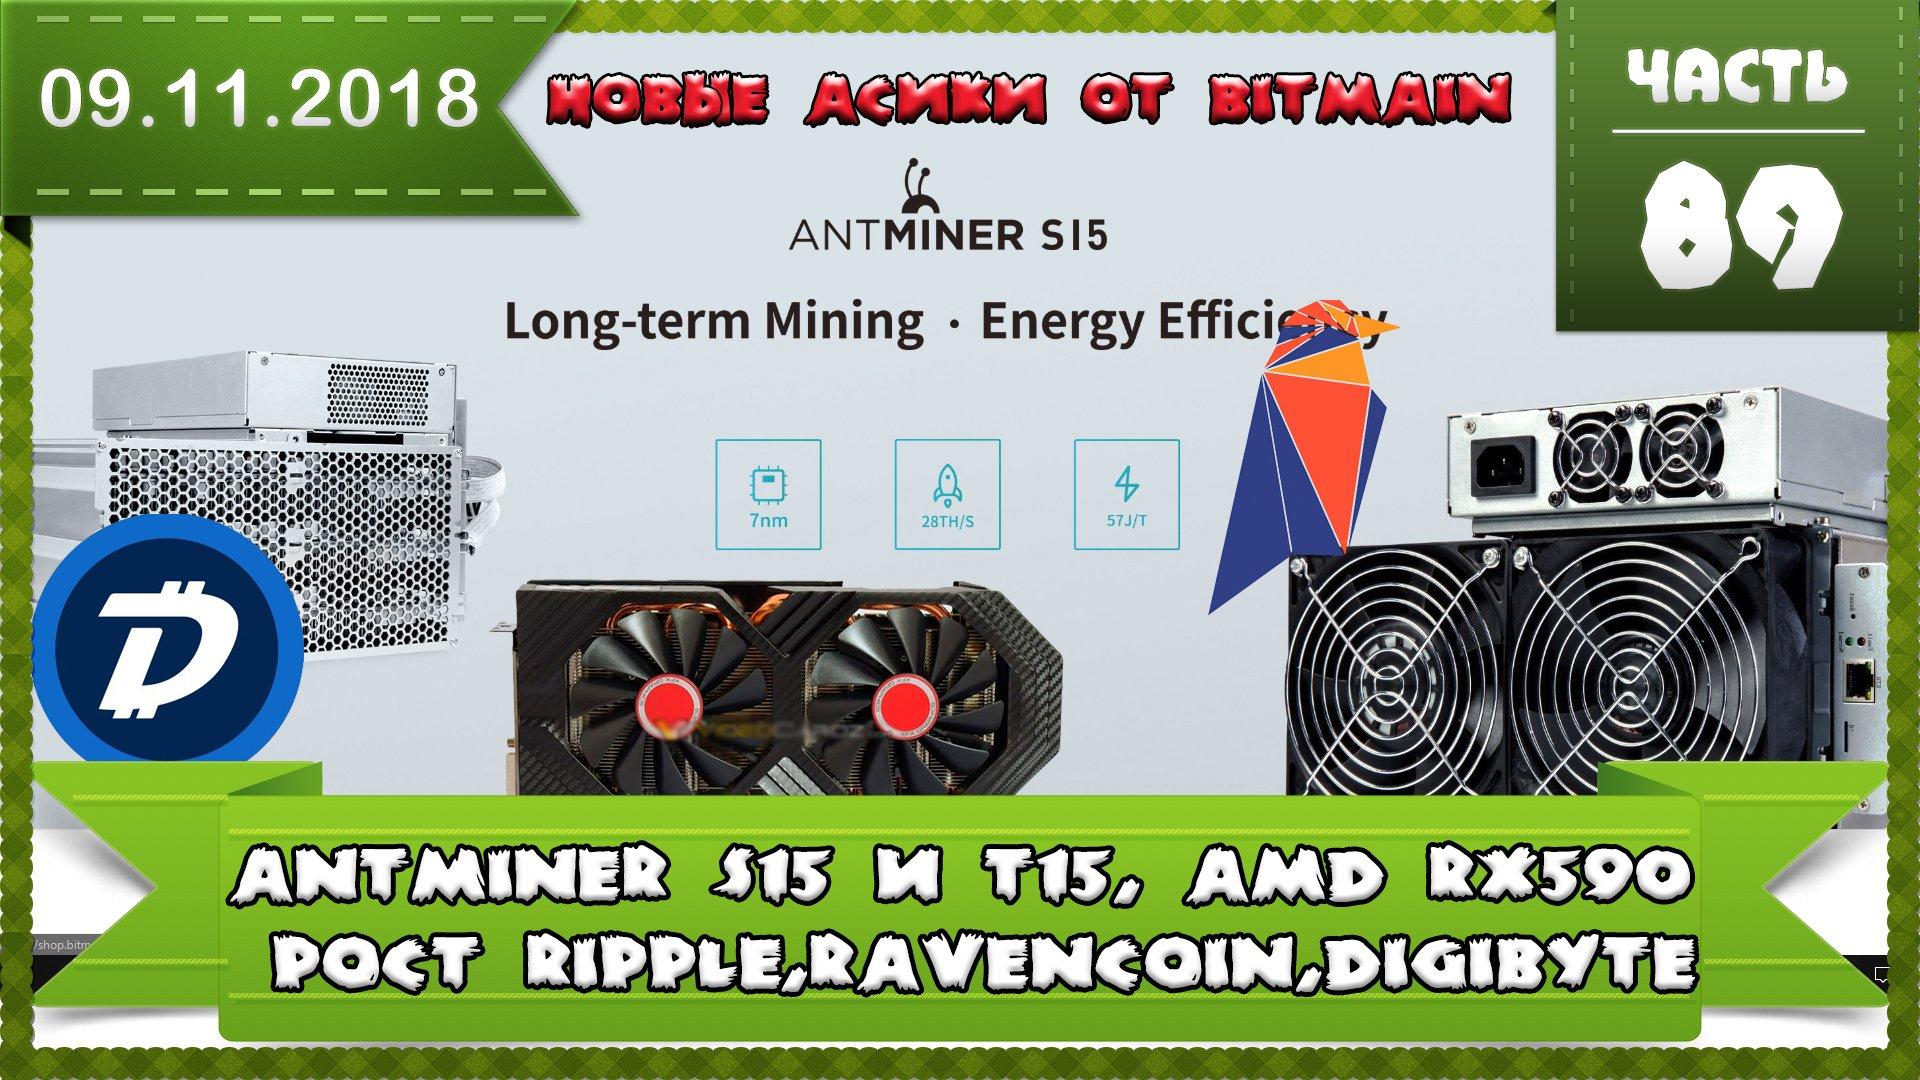 Новые АСИКи от BITMAIN ANTMINER S15 и ANTMINER T15,новая добыча Bitcoin,новости AMD и Nvidia,Ripple